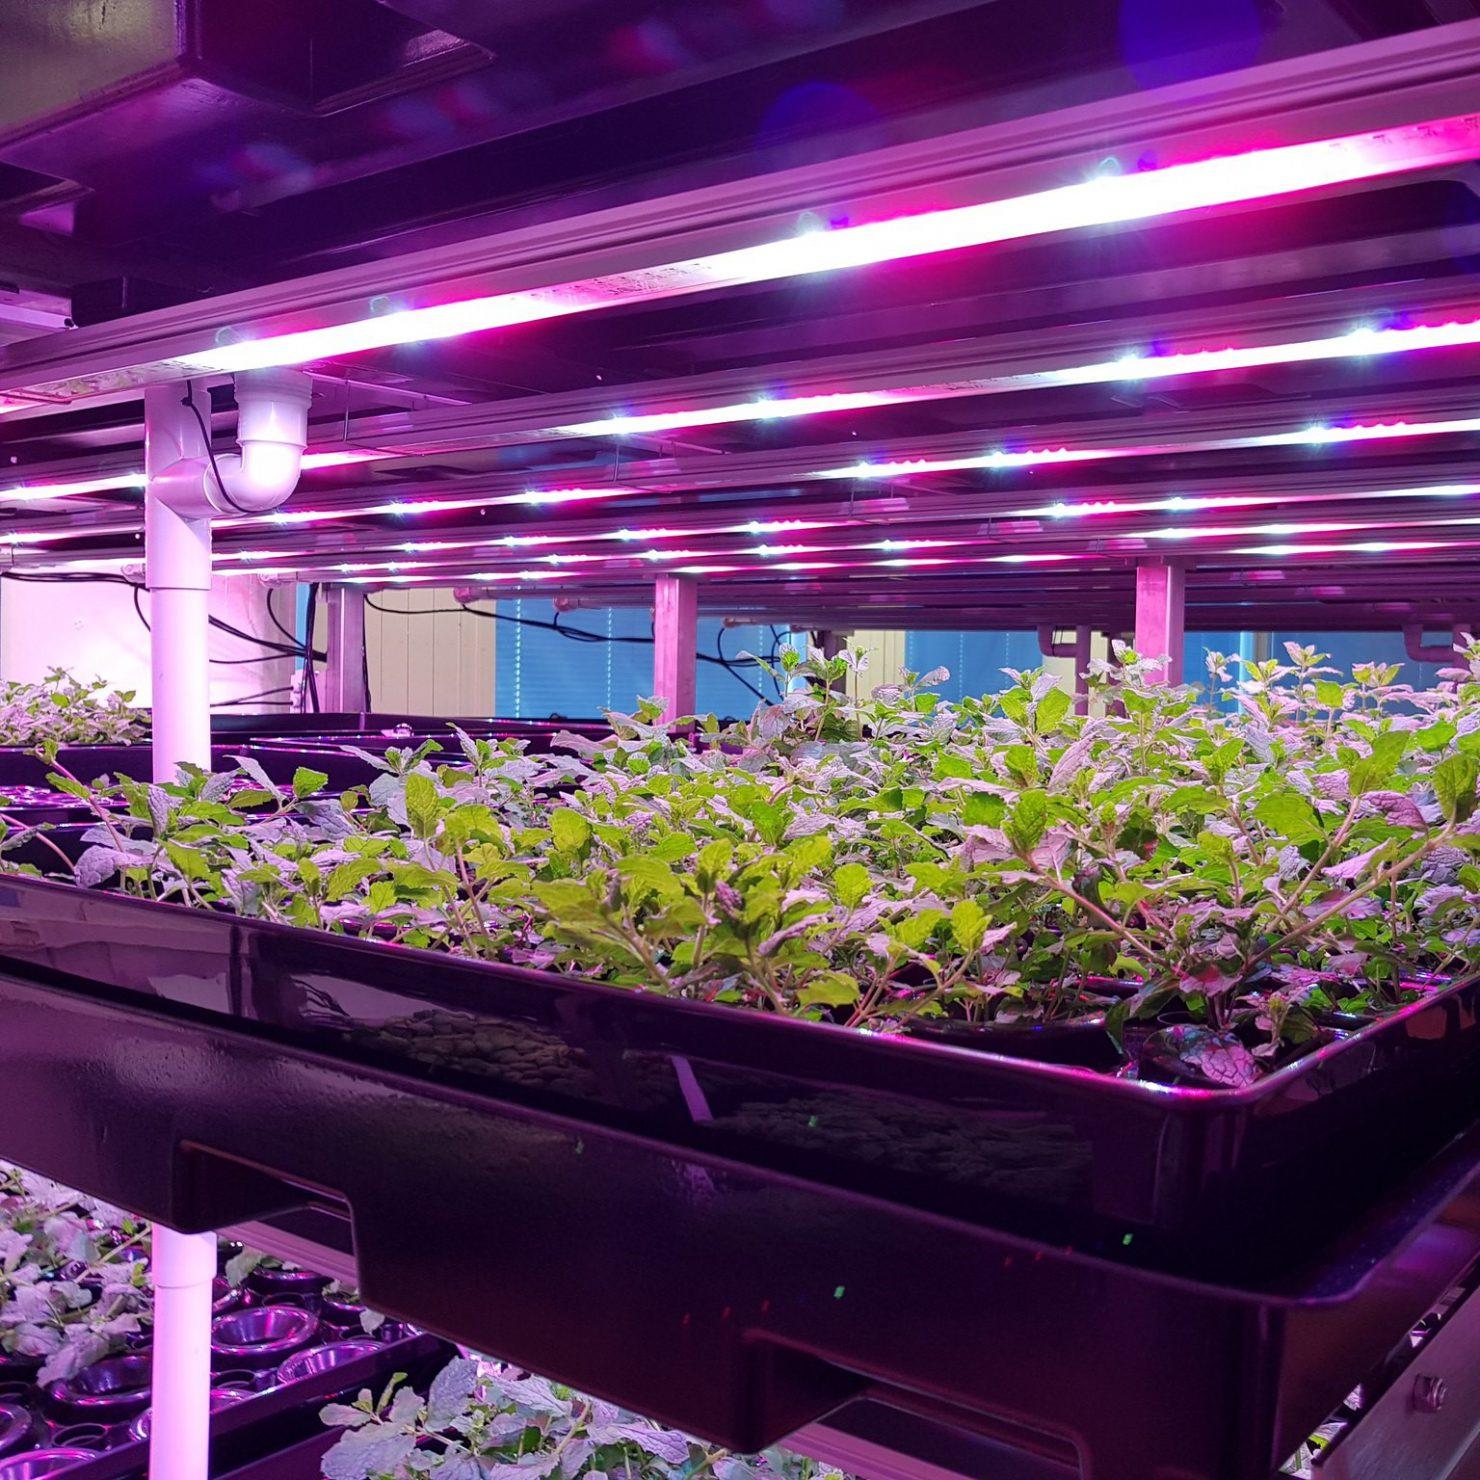 LEDで野菜を栽培する植物工場とは? 成長の仕組みと効率的な生産方法